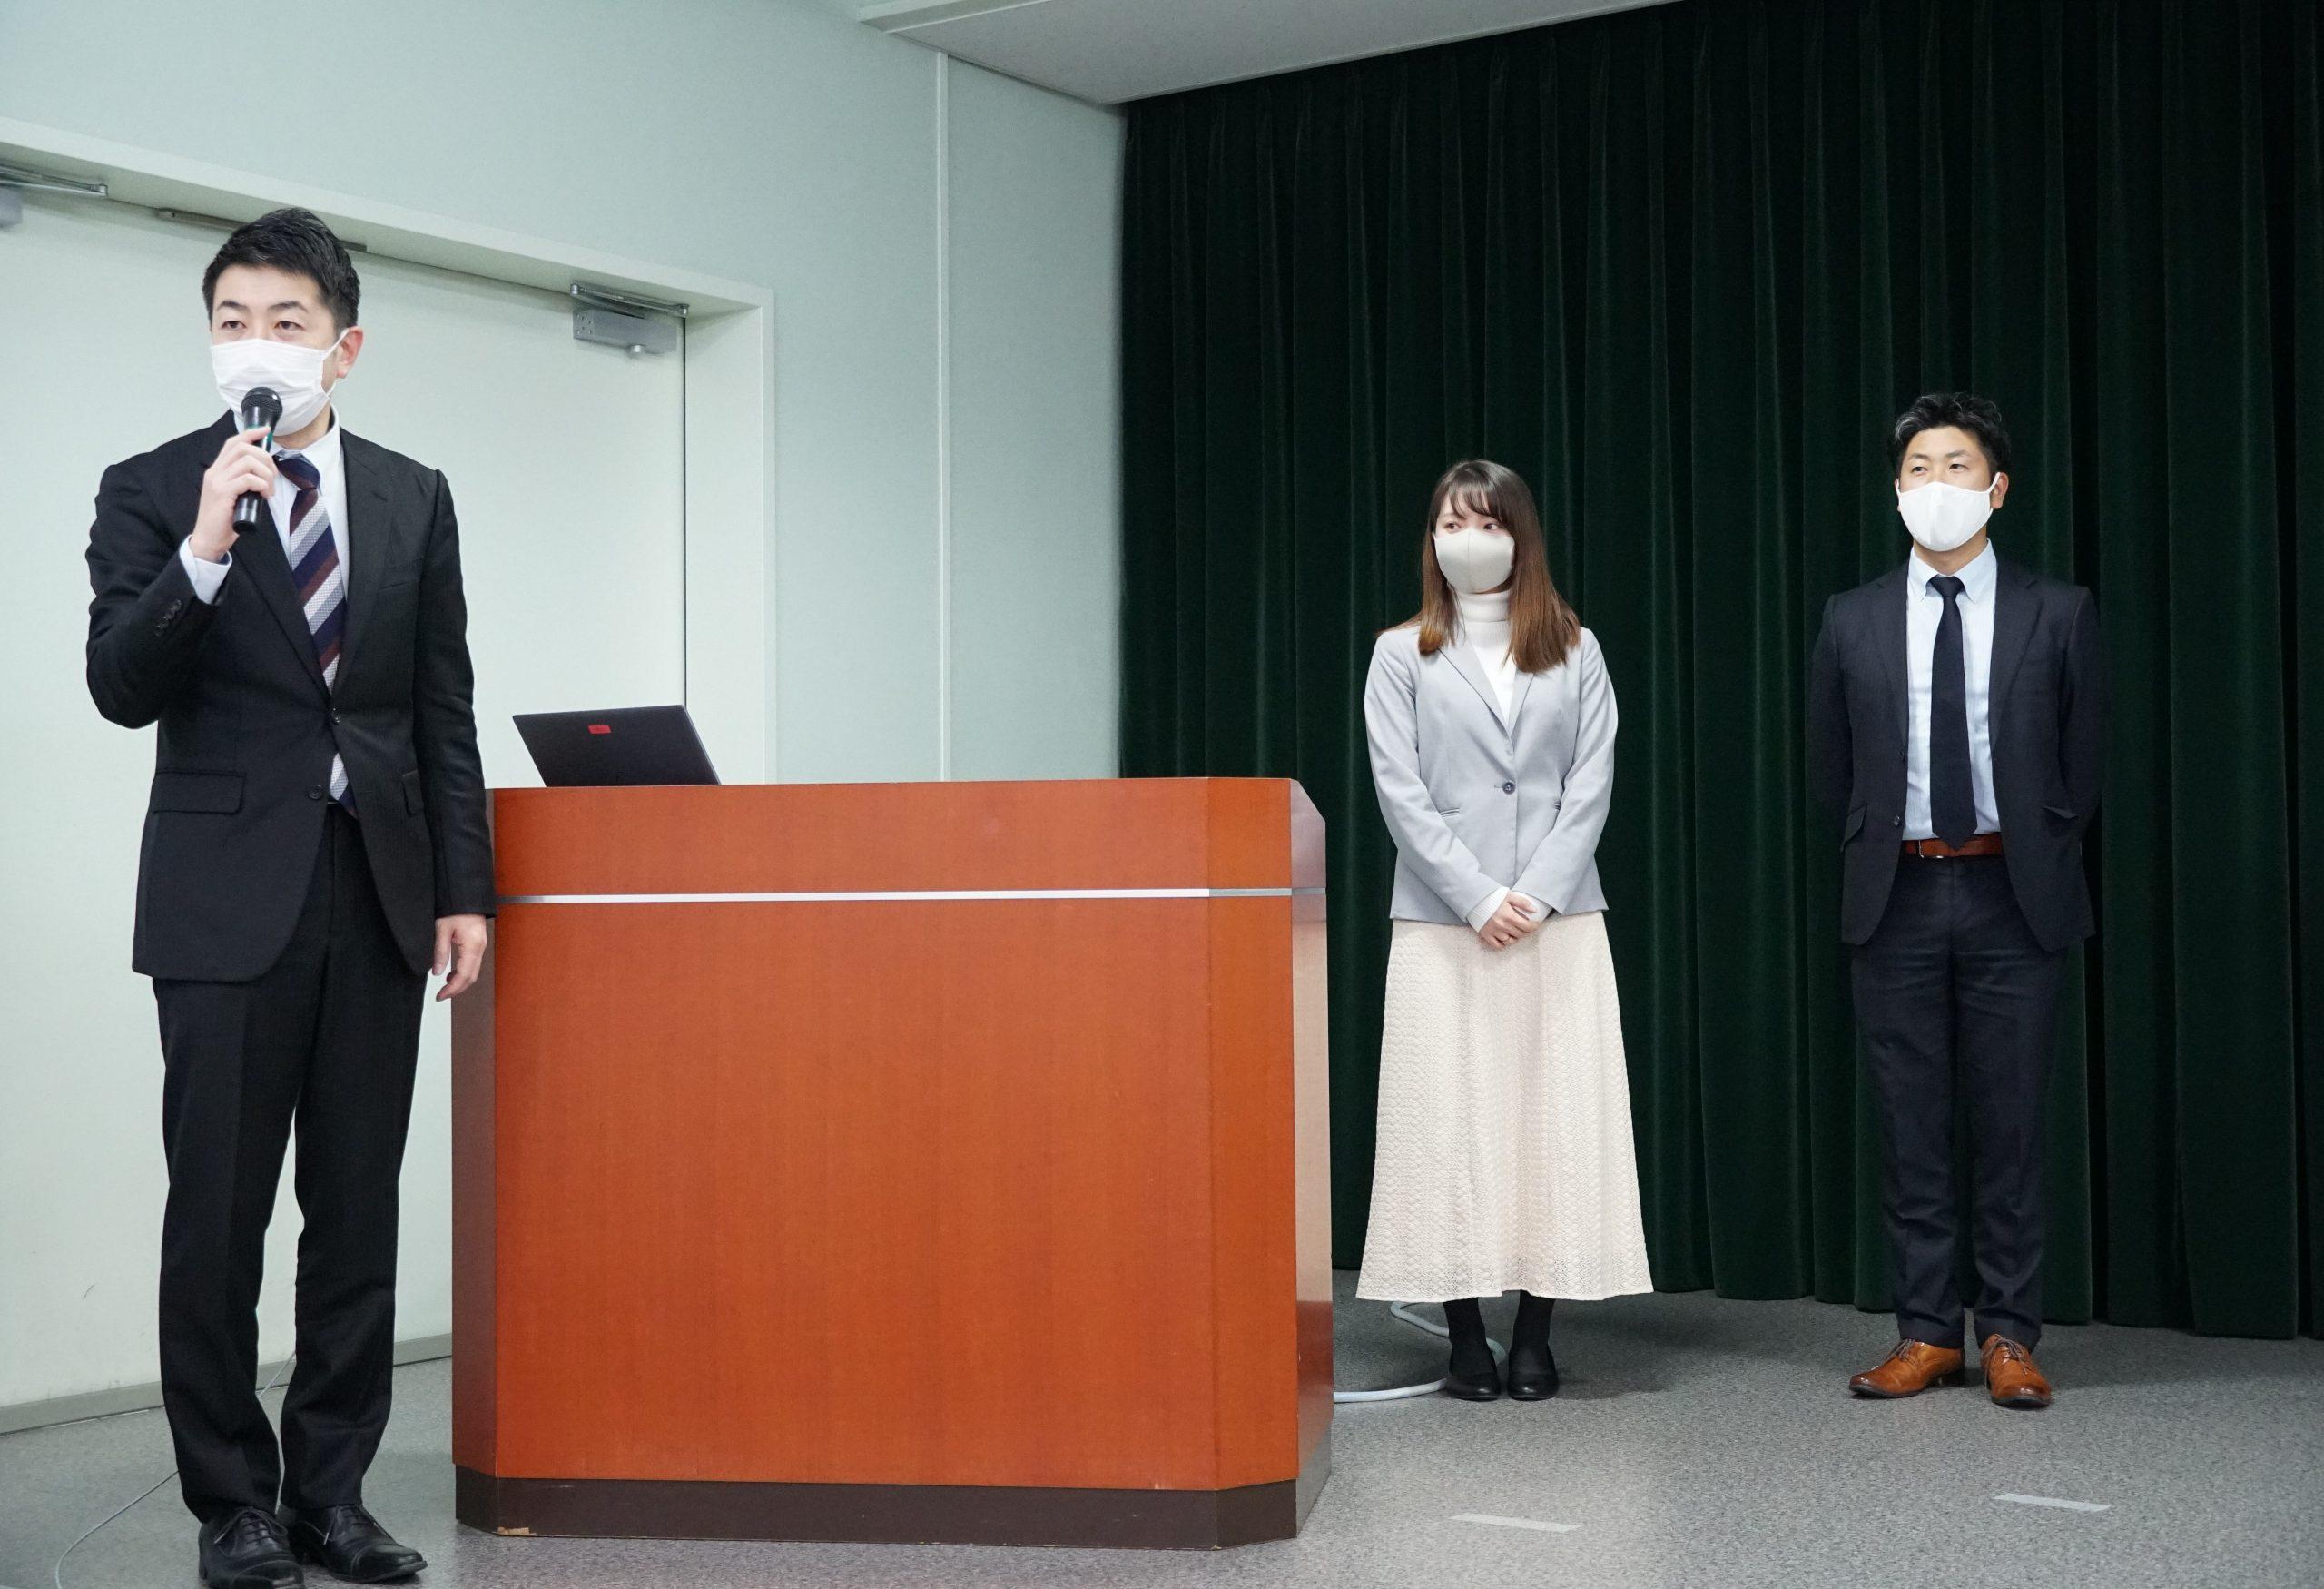 授業紹介/ビジネスキャリア講演会